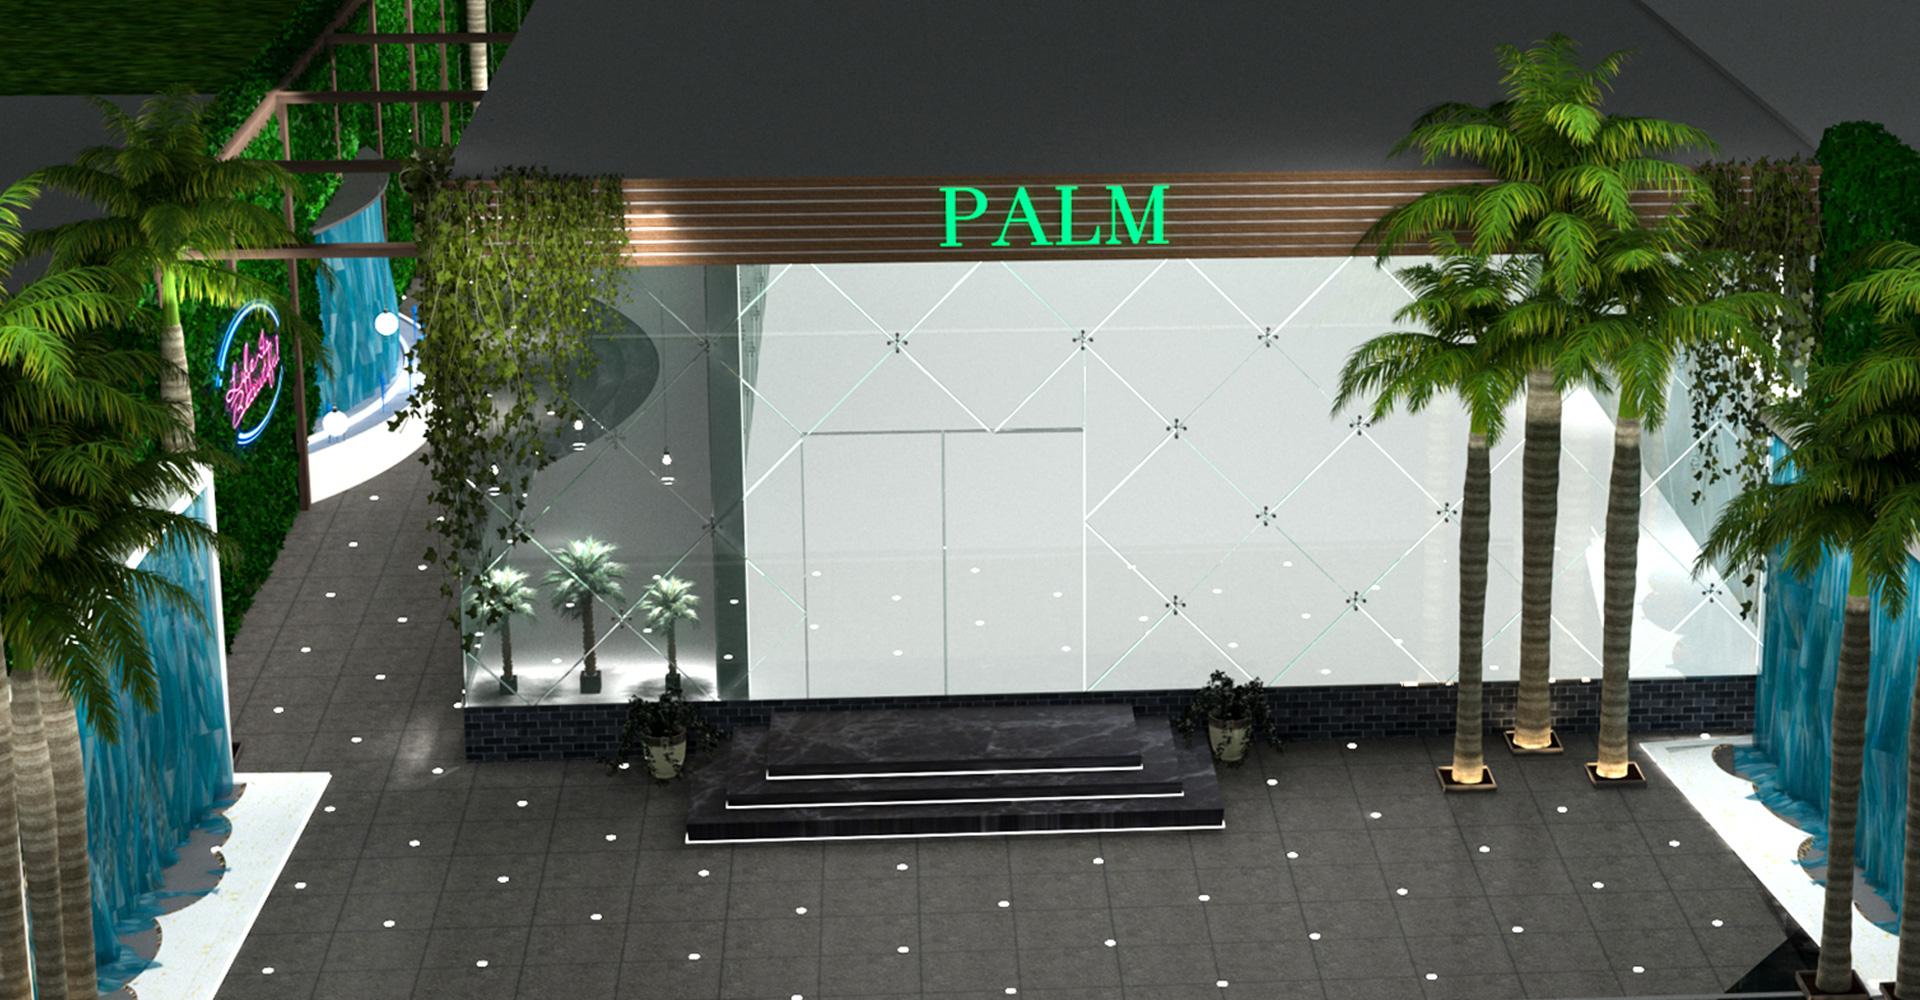 Restaurant-Design-Hiline-Lahore-portfolio-Palm-Restaurant-01